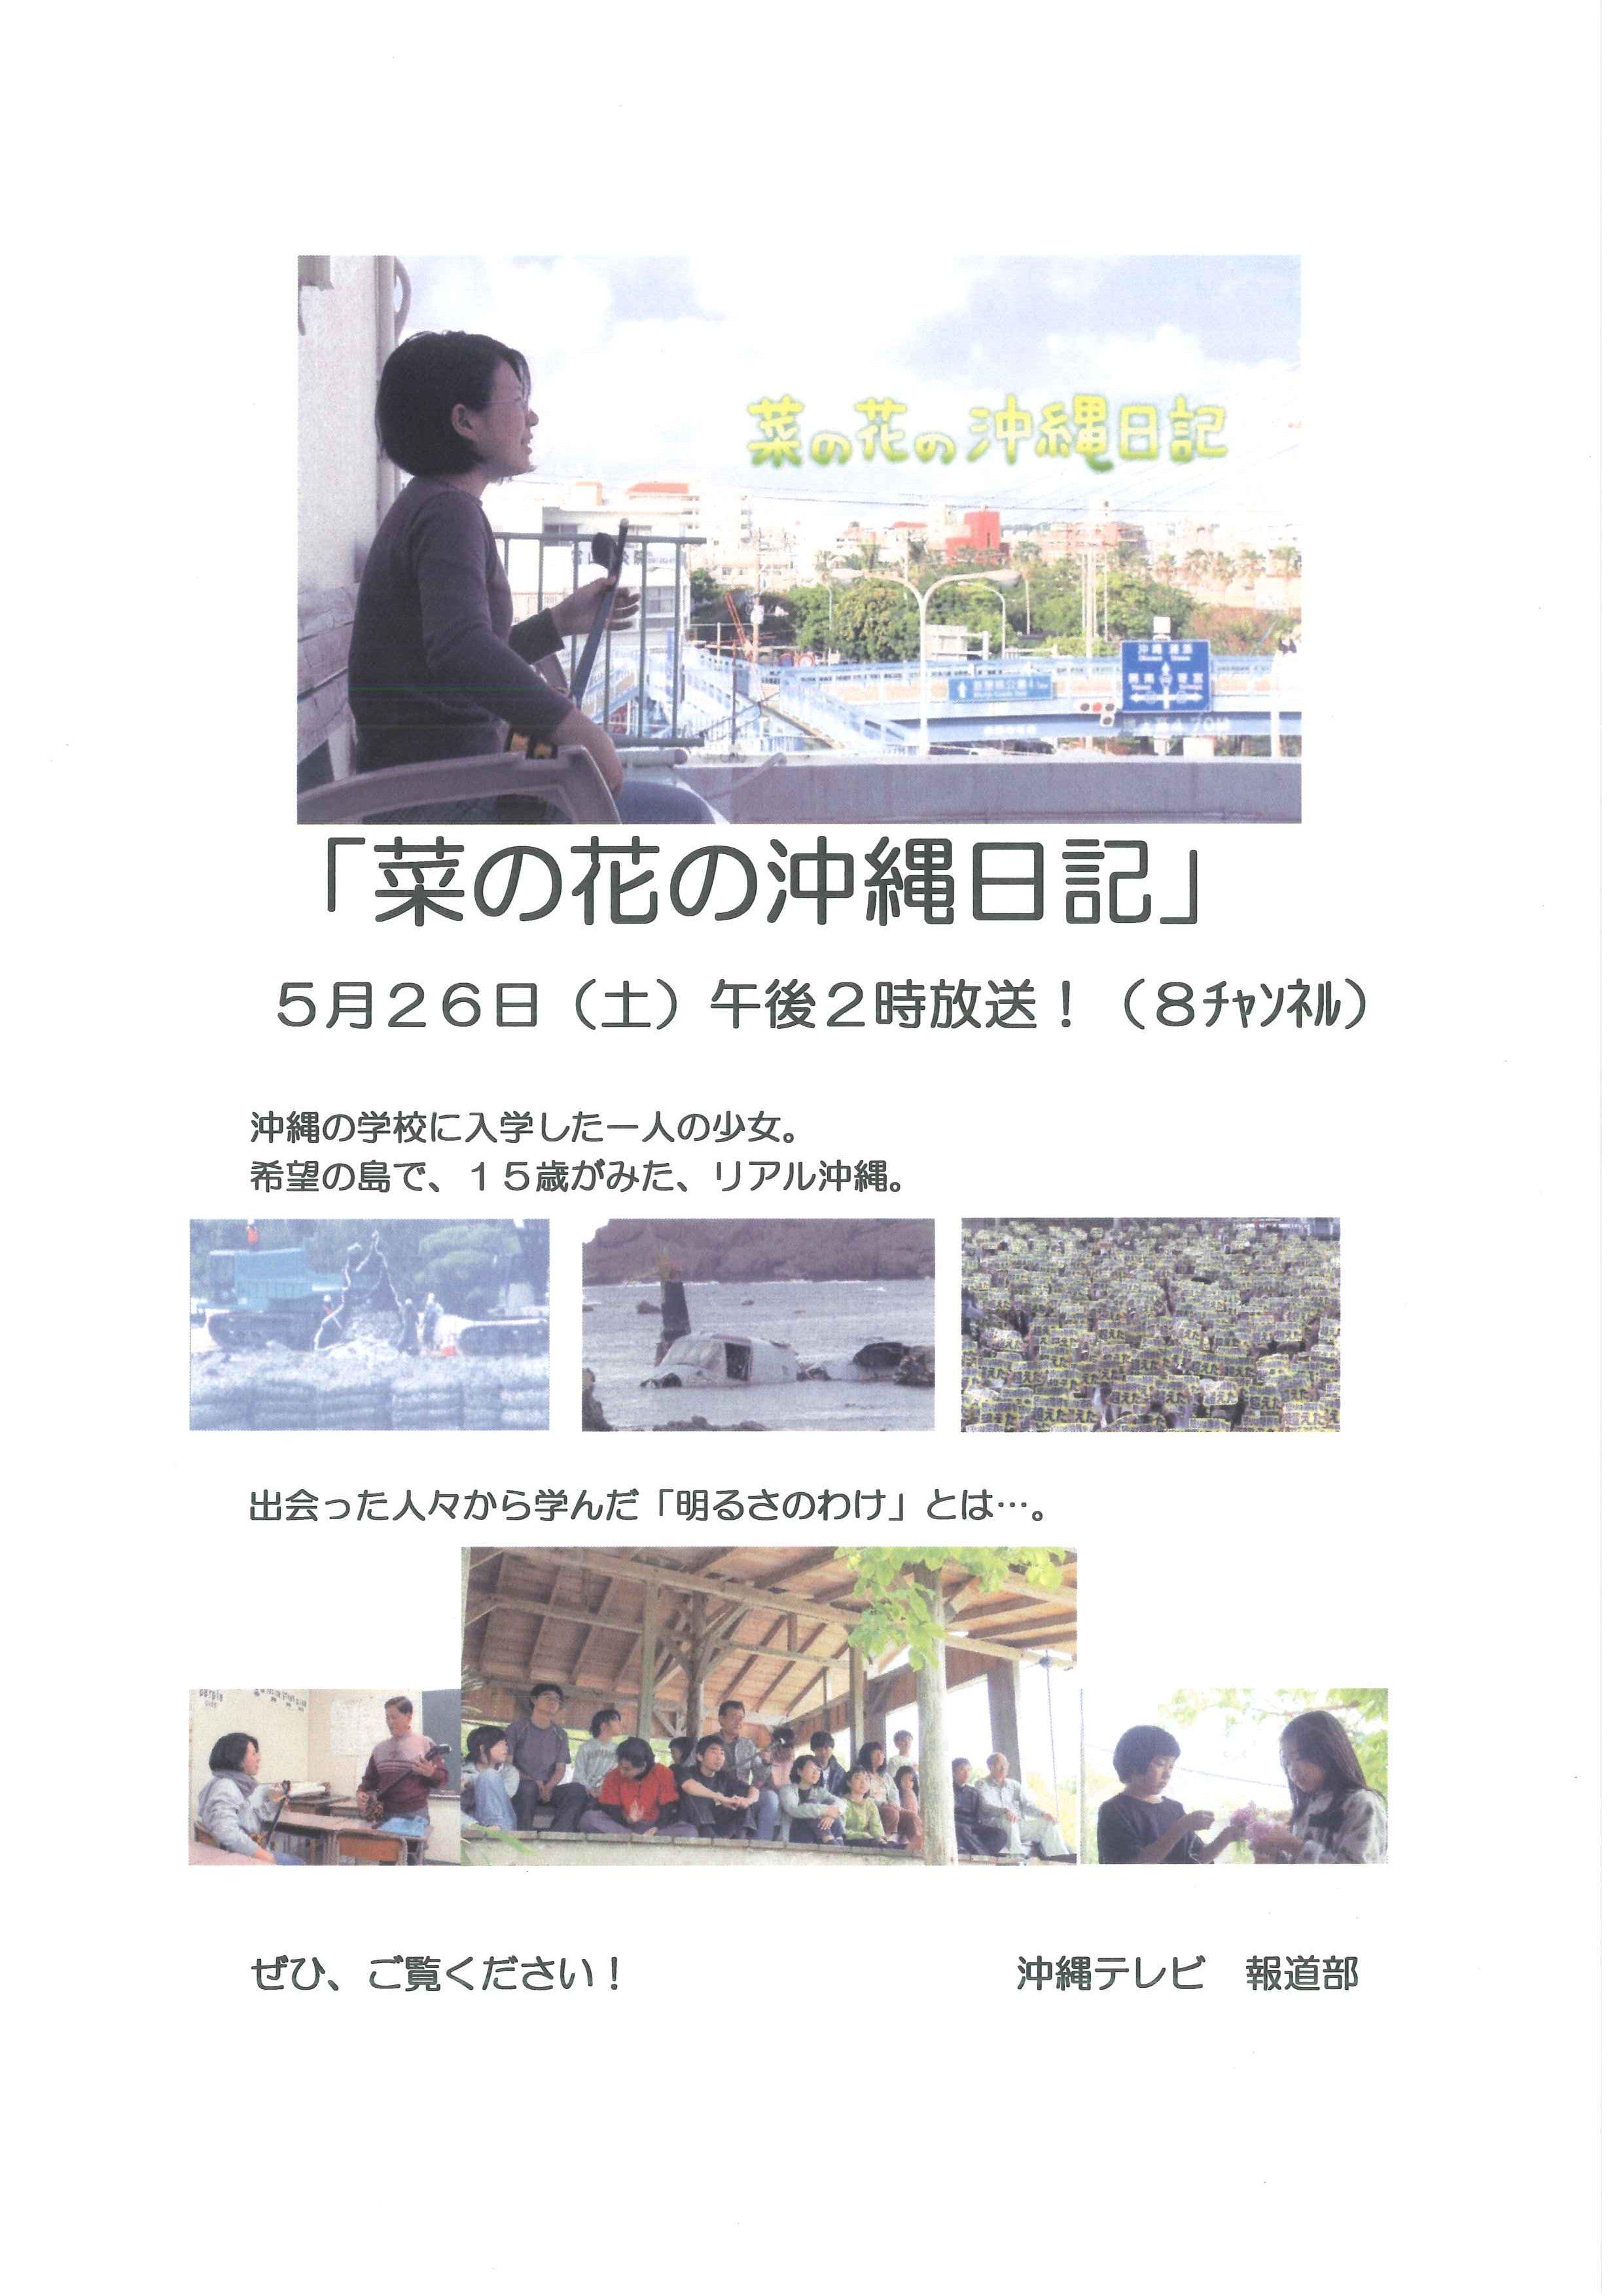 「菜の花の沖縄日記」が放送されます☆